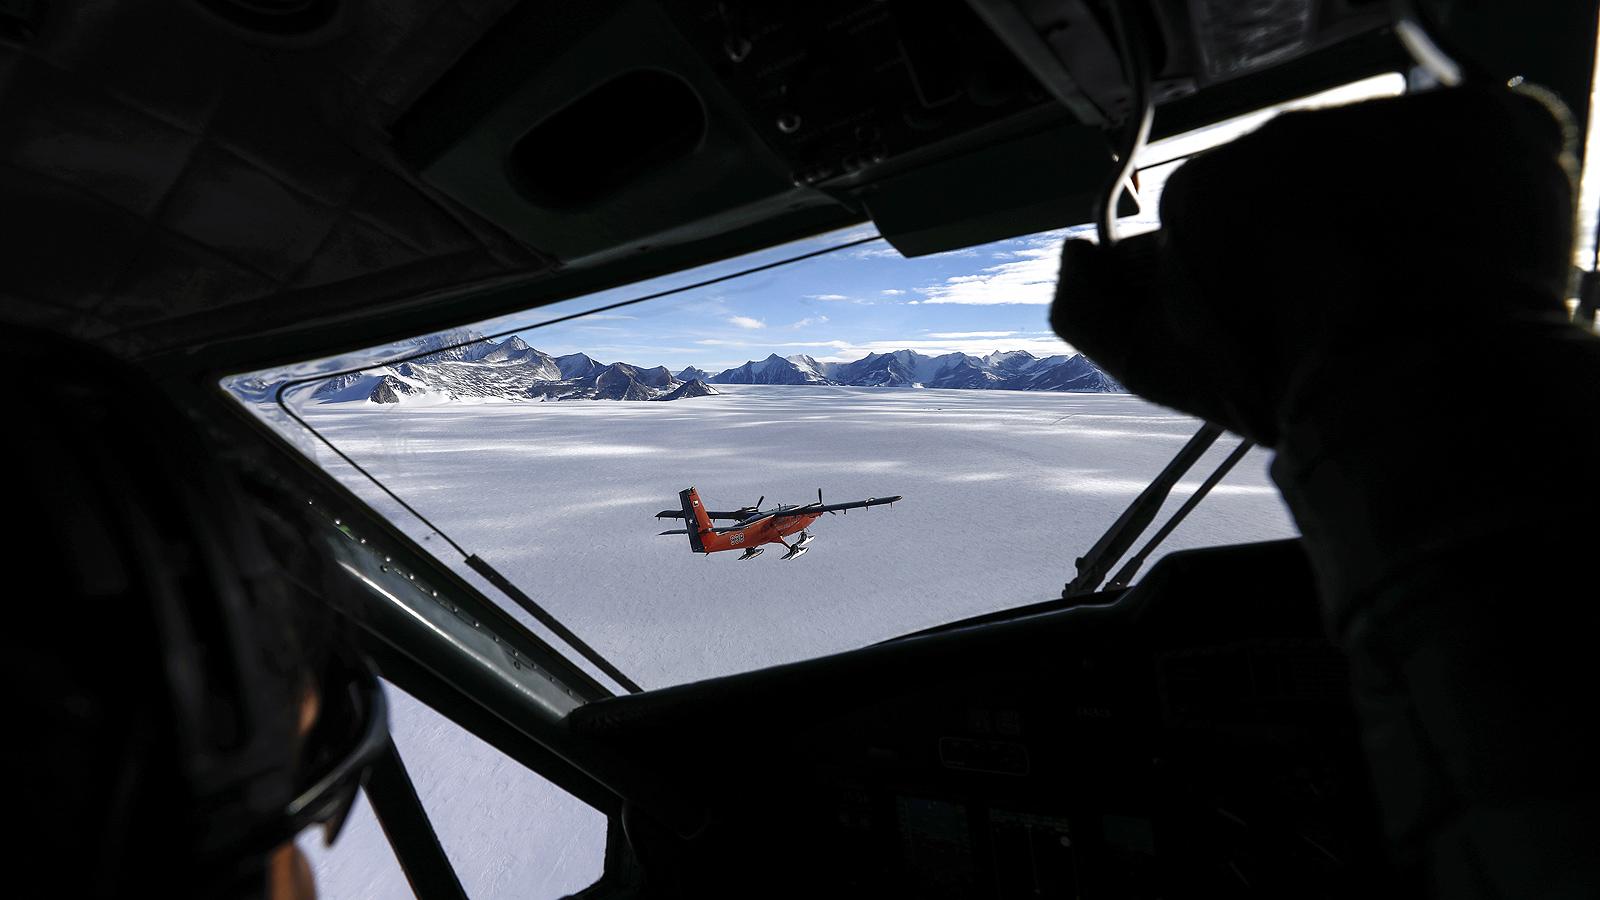 Полярната станция Union Glacier Camp, е лятна база, разположена върху гигантския ледник в Планината Елсуърт, на около 62 километра от Южния полюс.